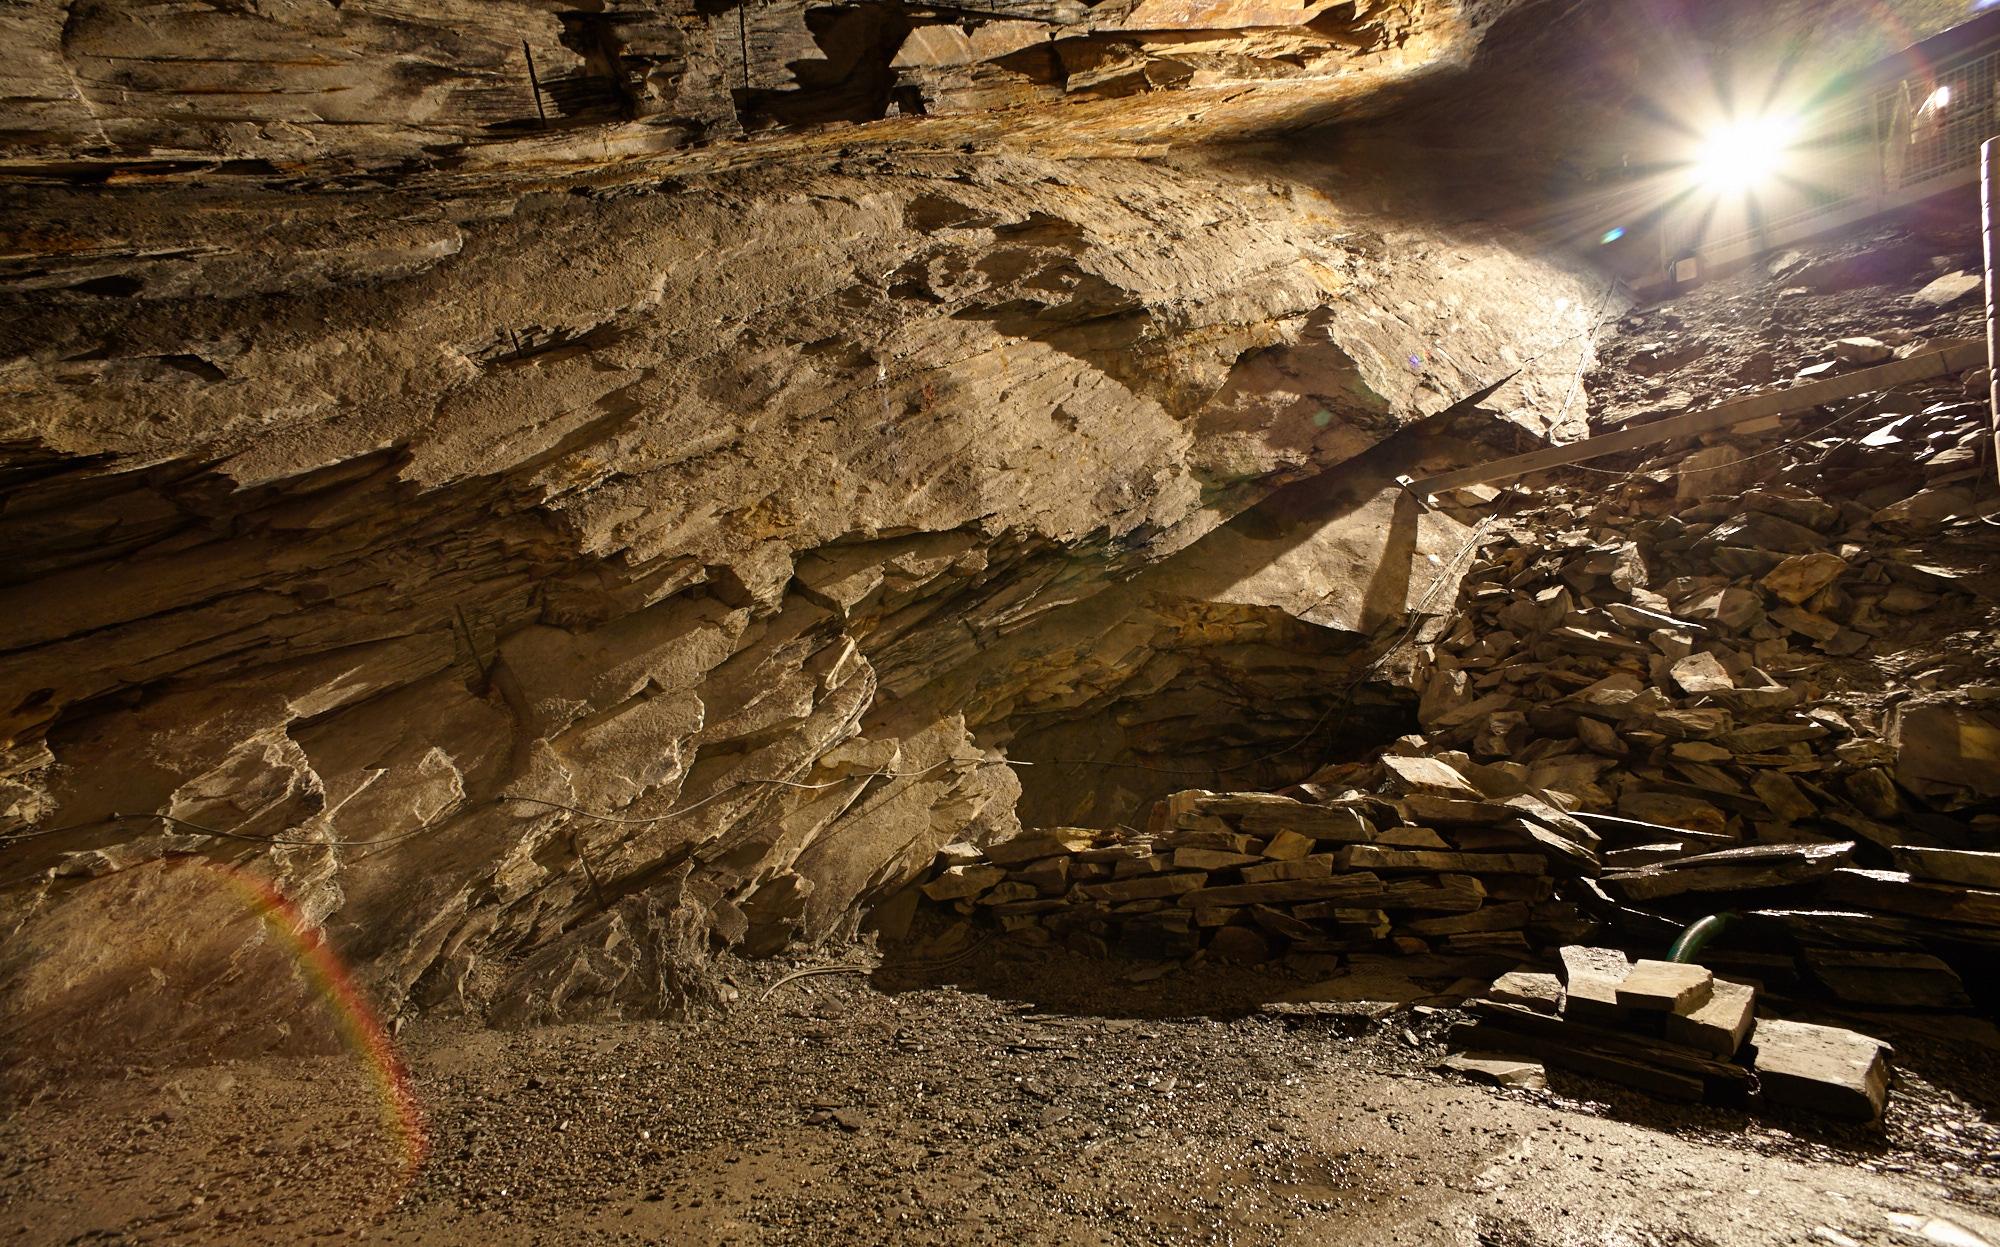 Llechwedd Slate Caverns I., Blaenau Ffestiniog, Wales